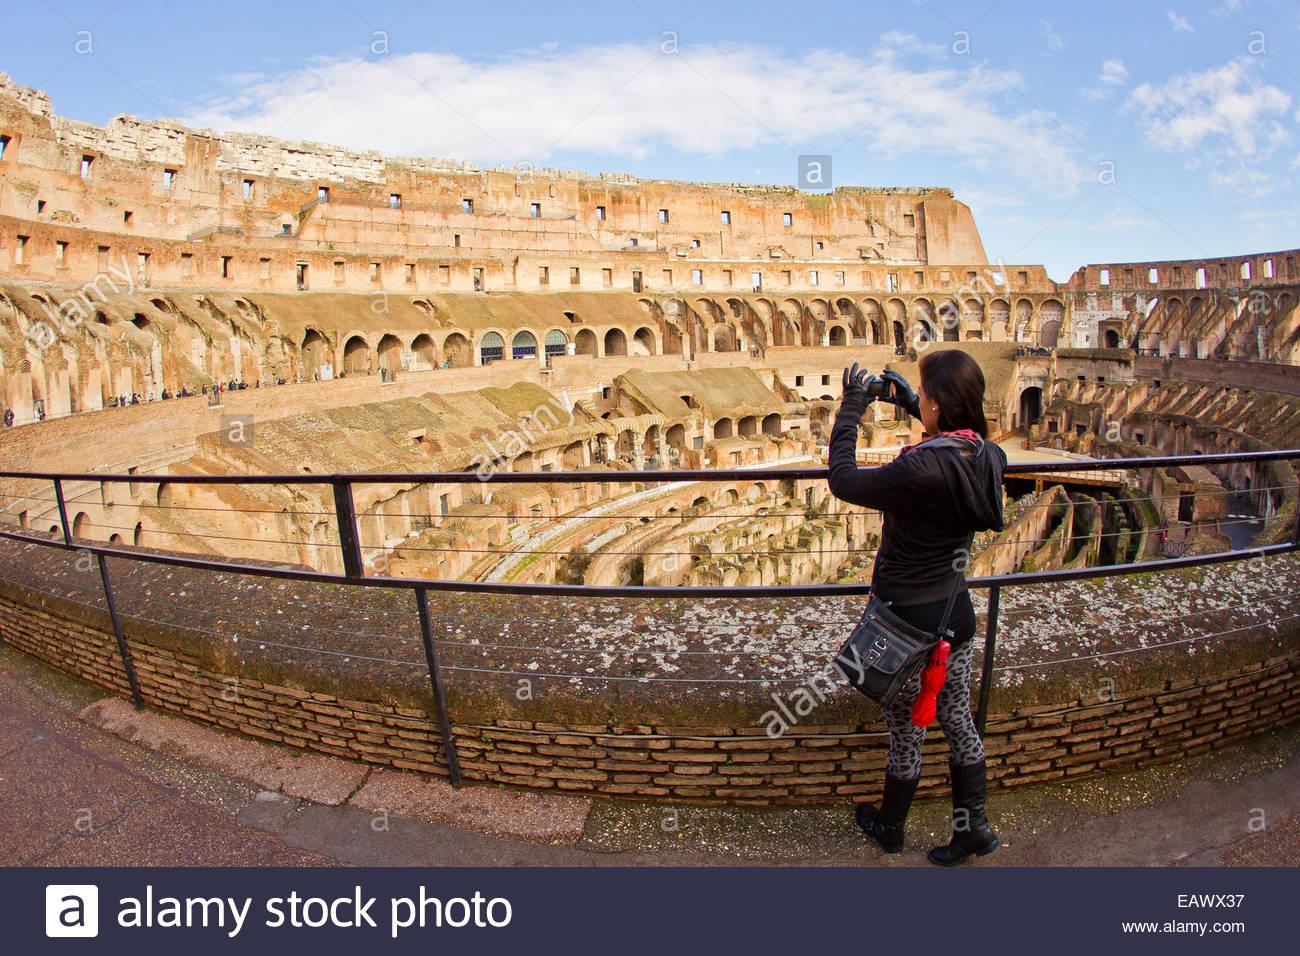 Una donna prende le foto all'interno dell'antico Colosseo romano. Foto Stock